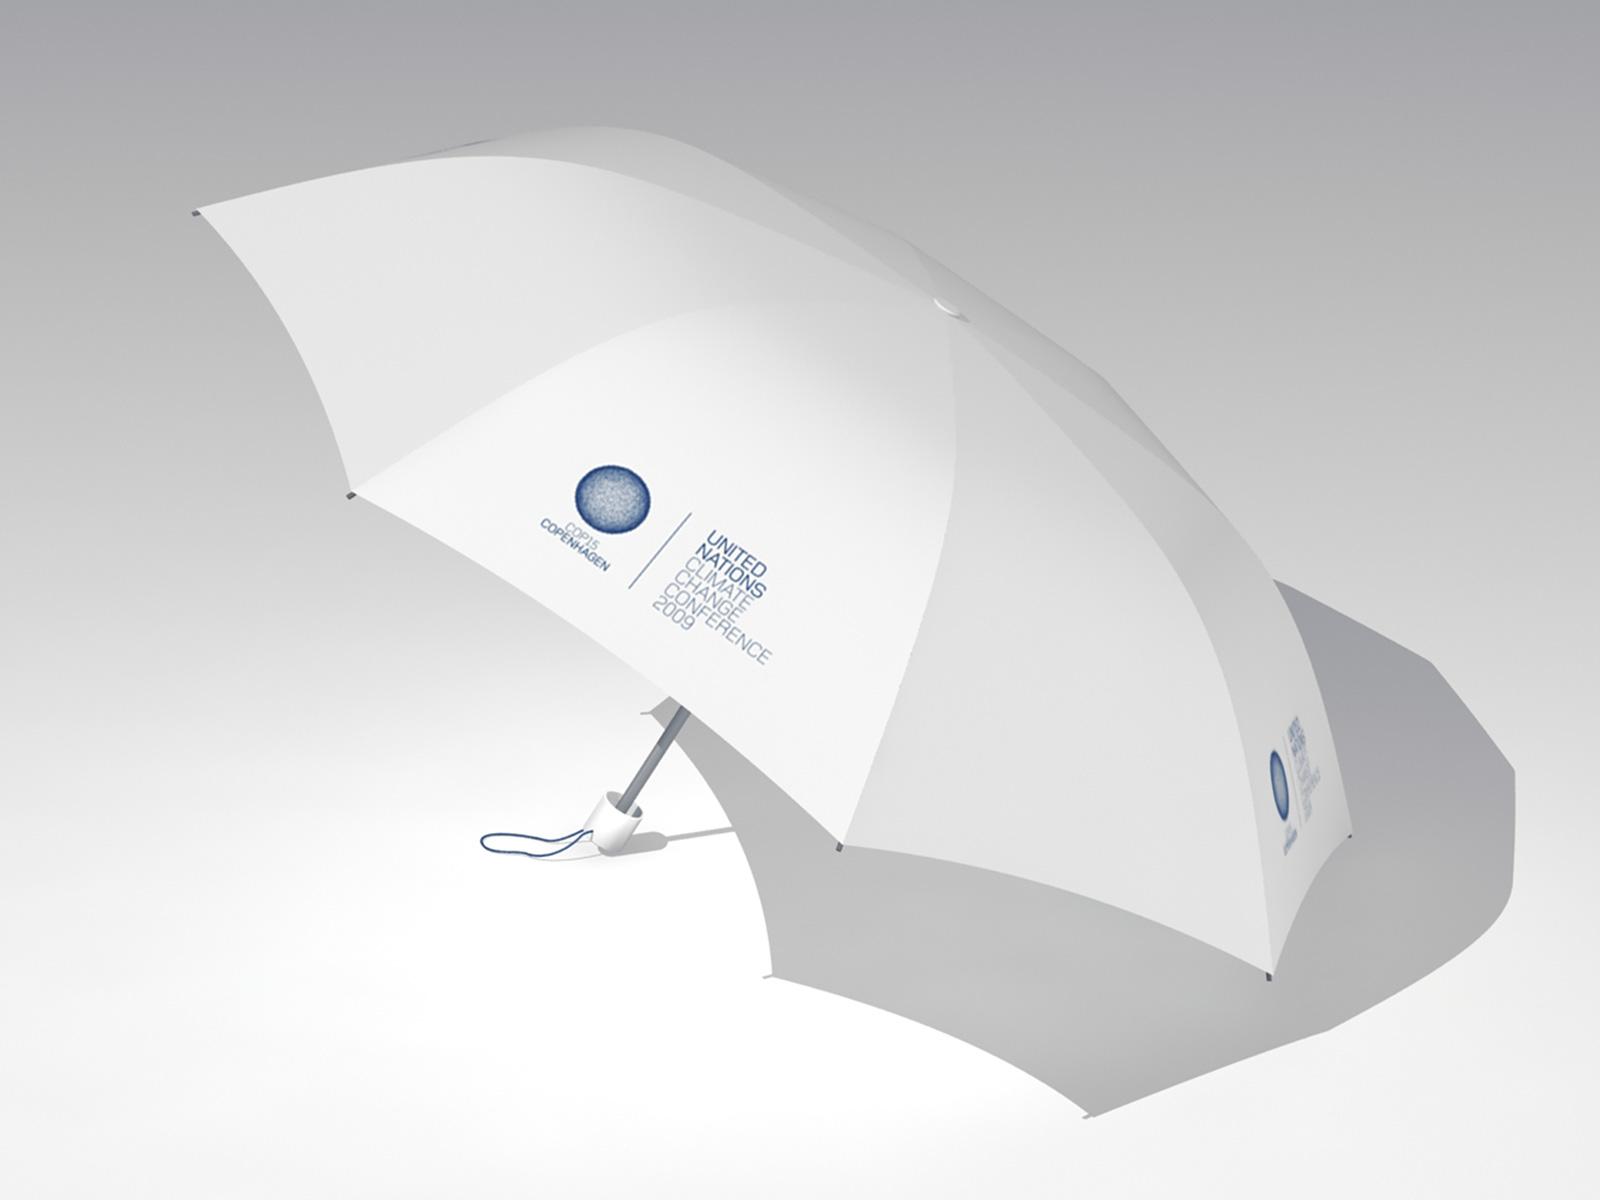 cop15_umbrella_std